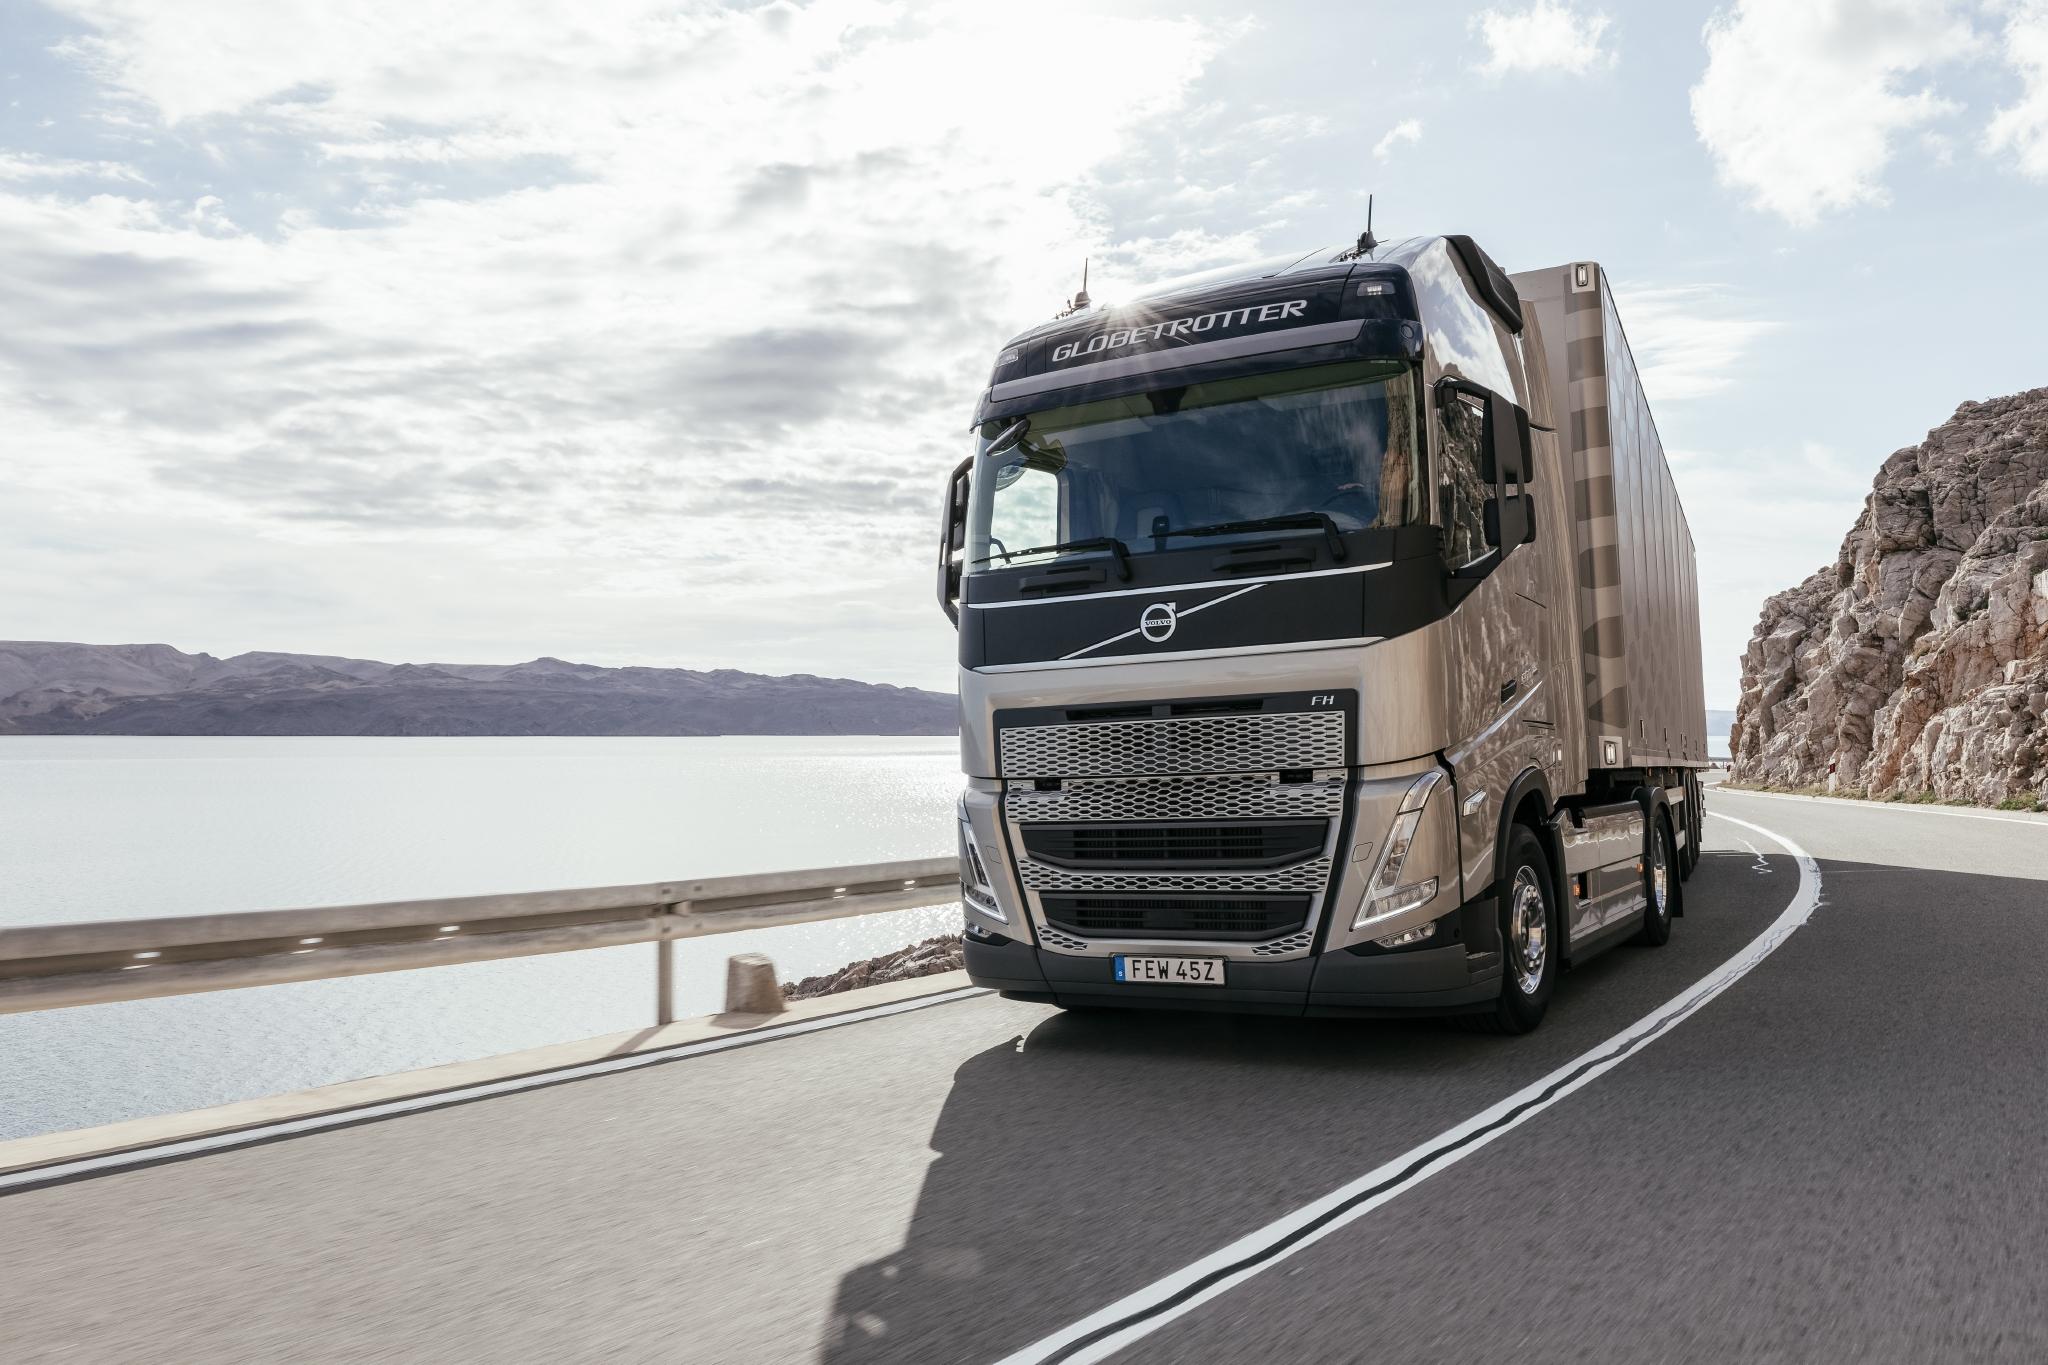 Volvo FH нового поколения с технологией I-Savе стал лидером по экономичности расхода топлива